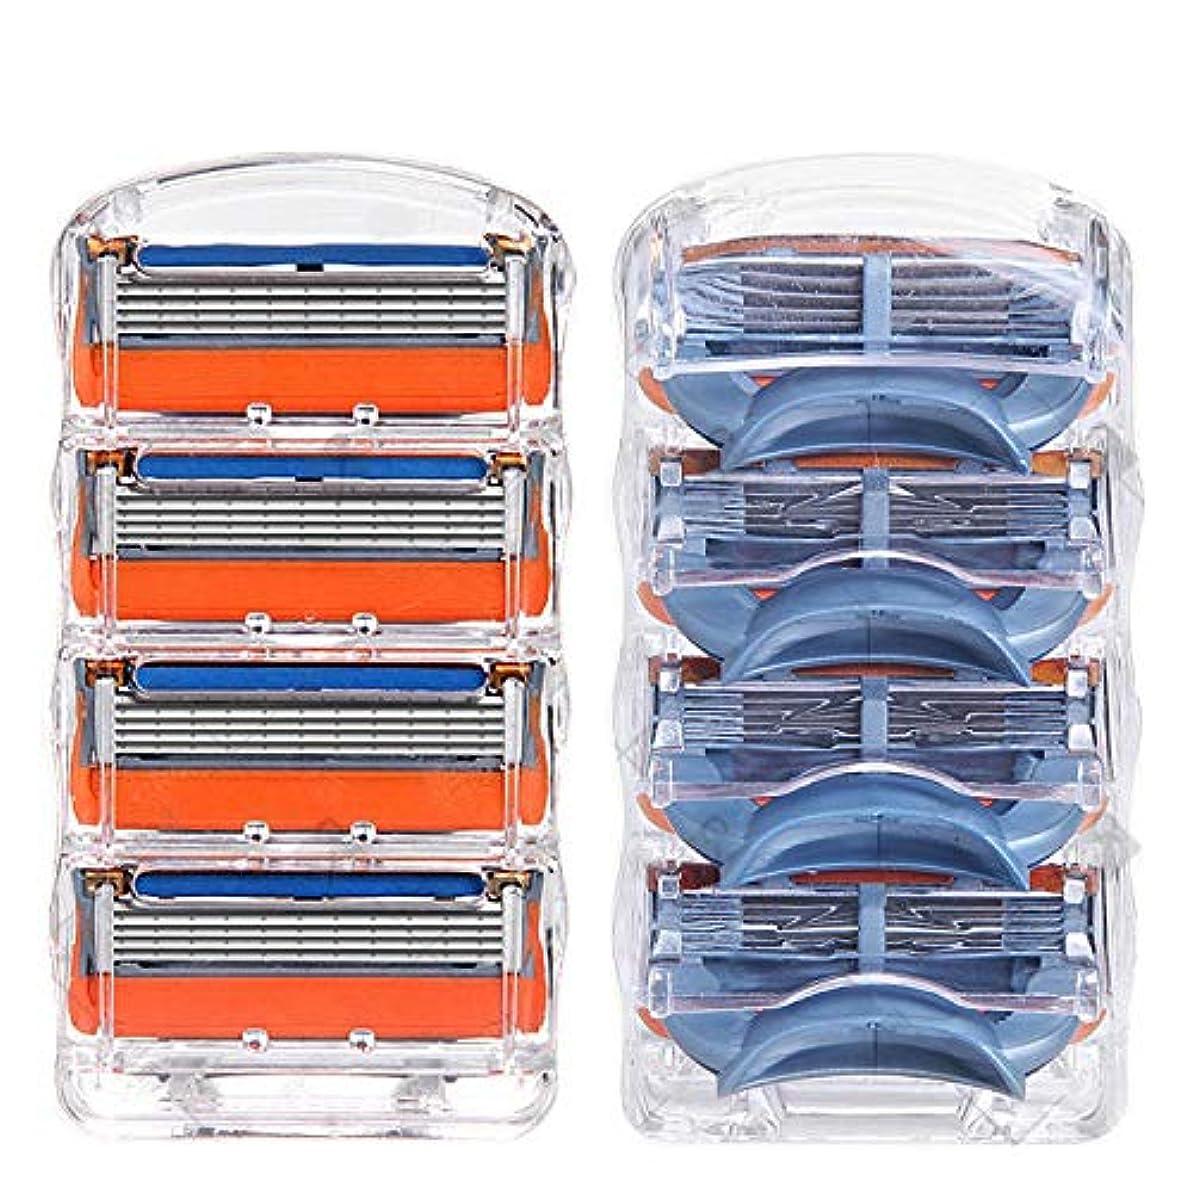 イチゴ代替案オーケストラAJACK 8個 シェーバーヘッド 交換用 5層ブレード ジレットかみそりに適用